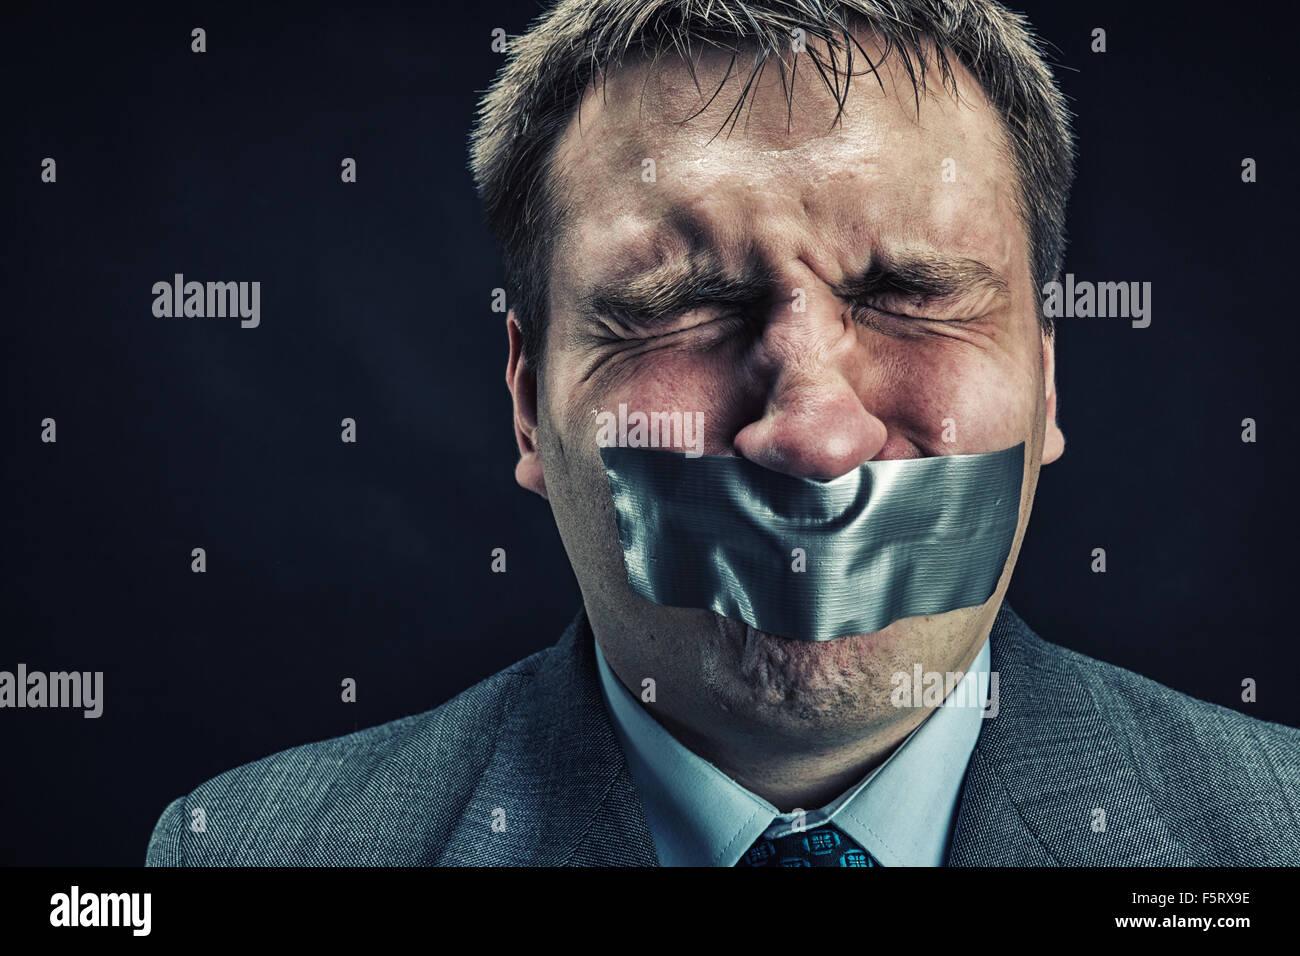 El hombre con la boca cubierta con cinta de enmascarar prevenir discurso, aislados en negro Imagen De Stock